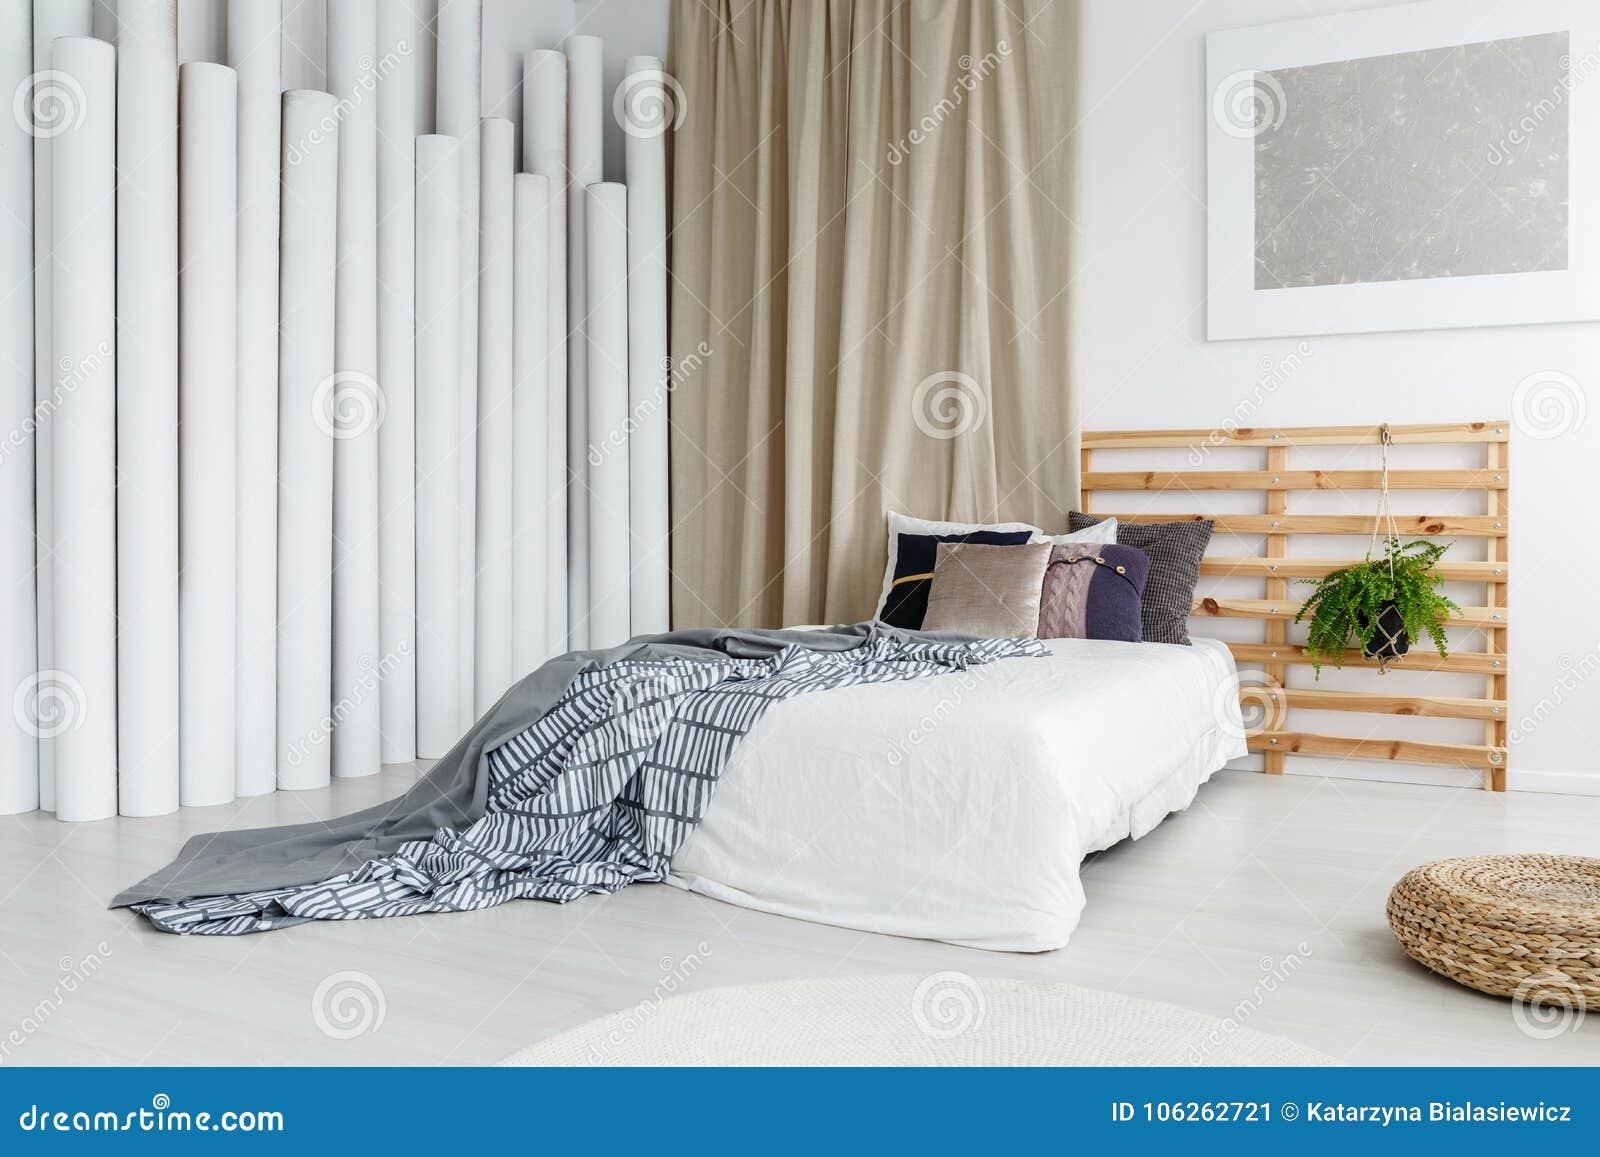 Pittura Stanza Da Letto pittura d'argento nella camera da letto specializzata